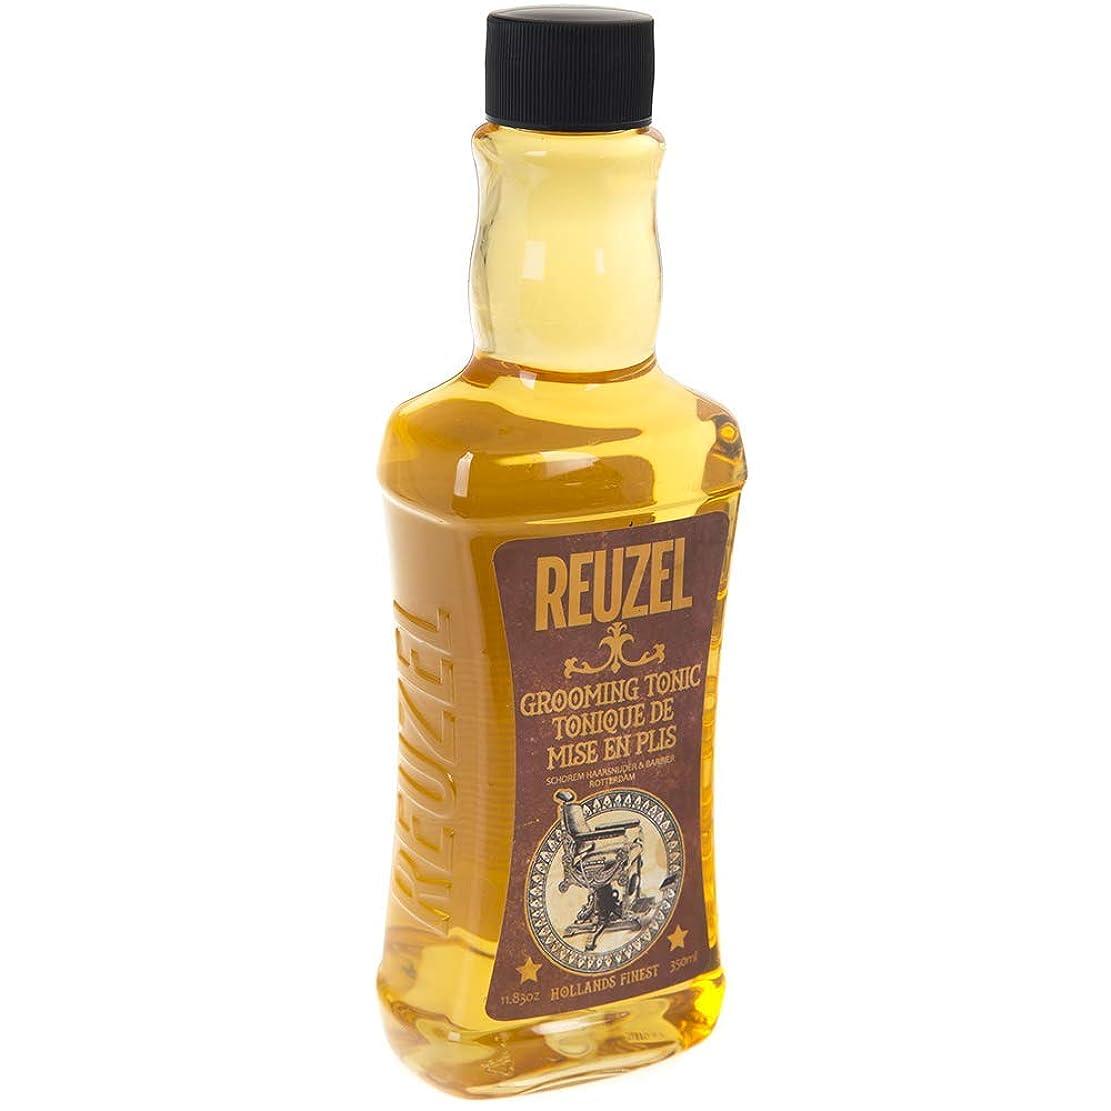 顕現ジャングル確かめるルーゾー グルーミング トニック Reuzel Grooming Tonic 350 ml [並行輸入品]